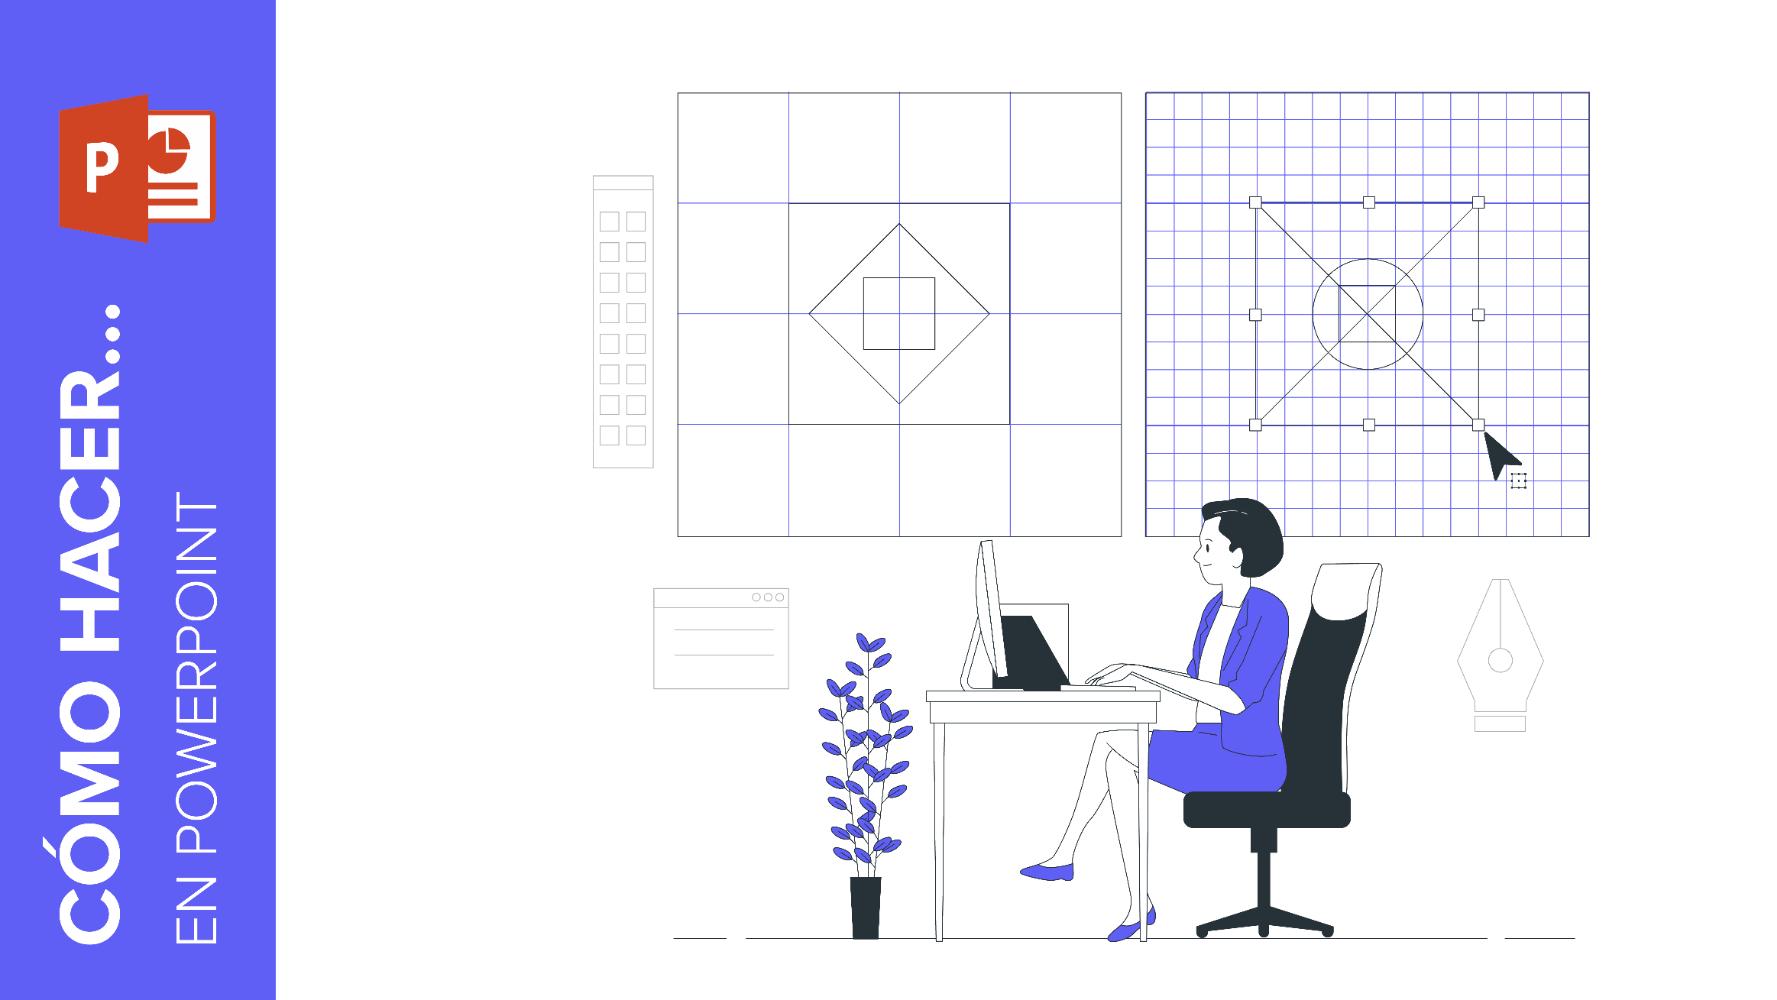 Cómo añadir un borde en PowerPoint | Tutoriales y Tips para tus presentaciones